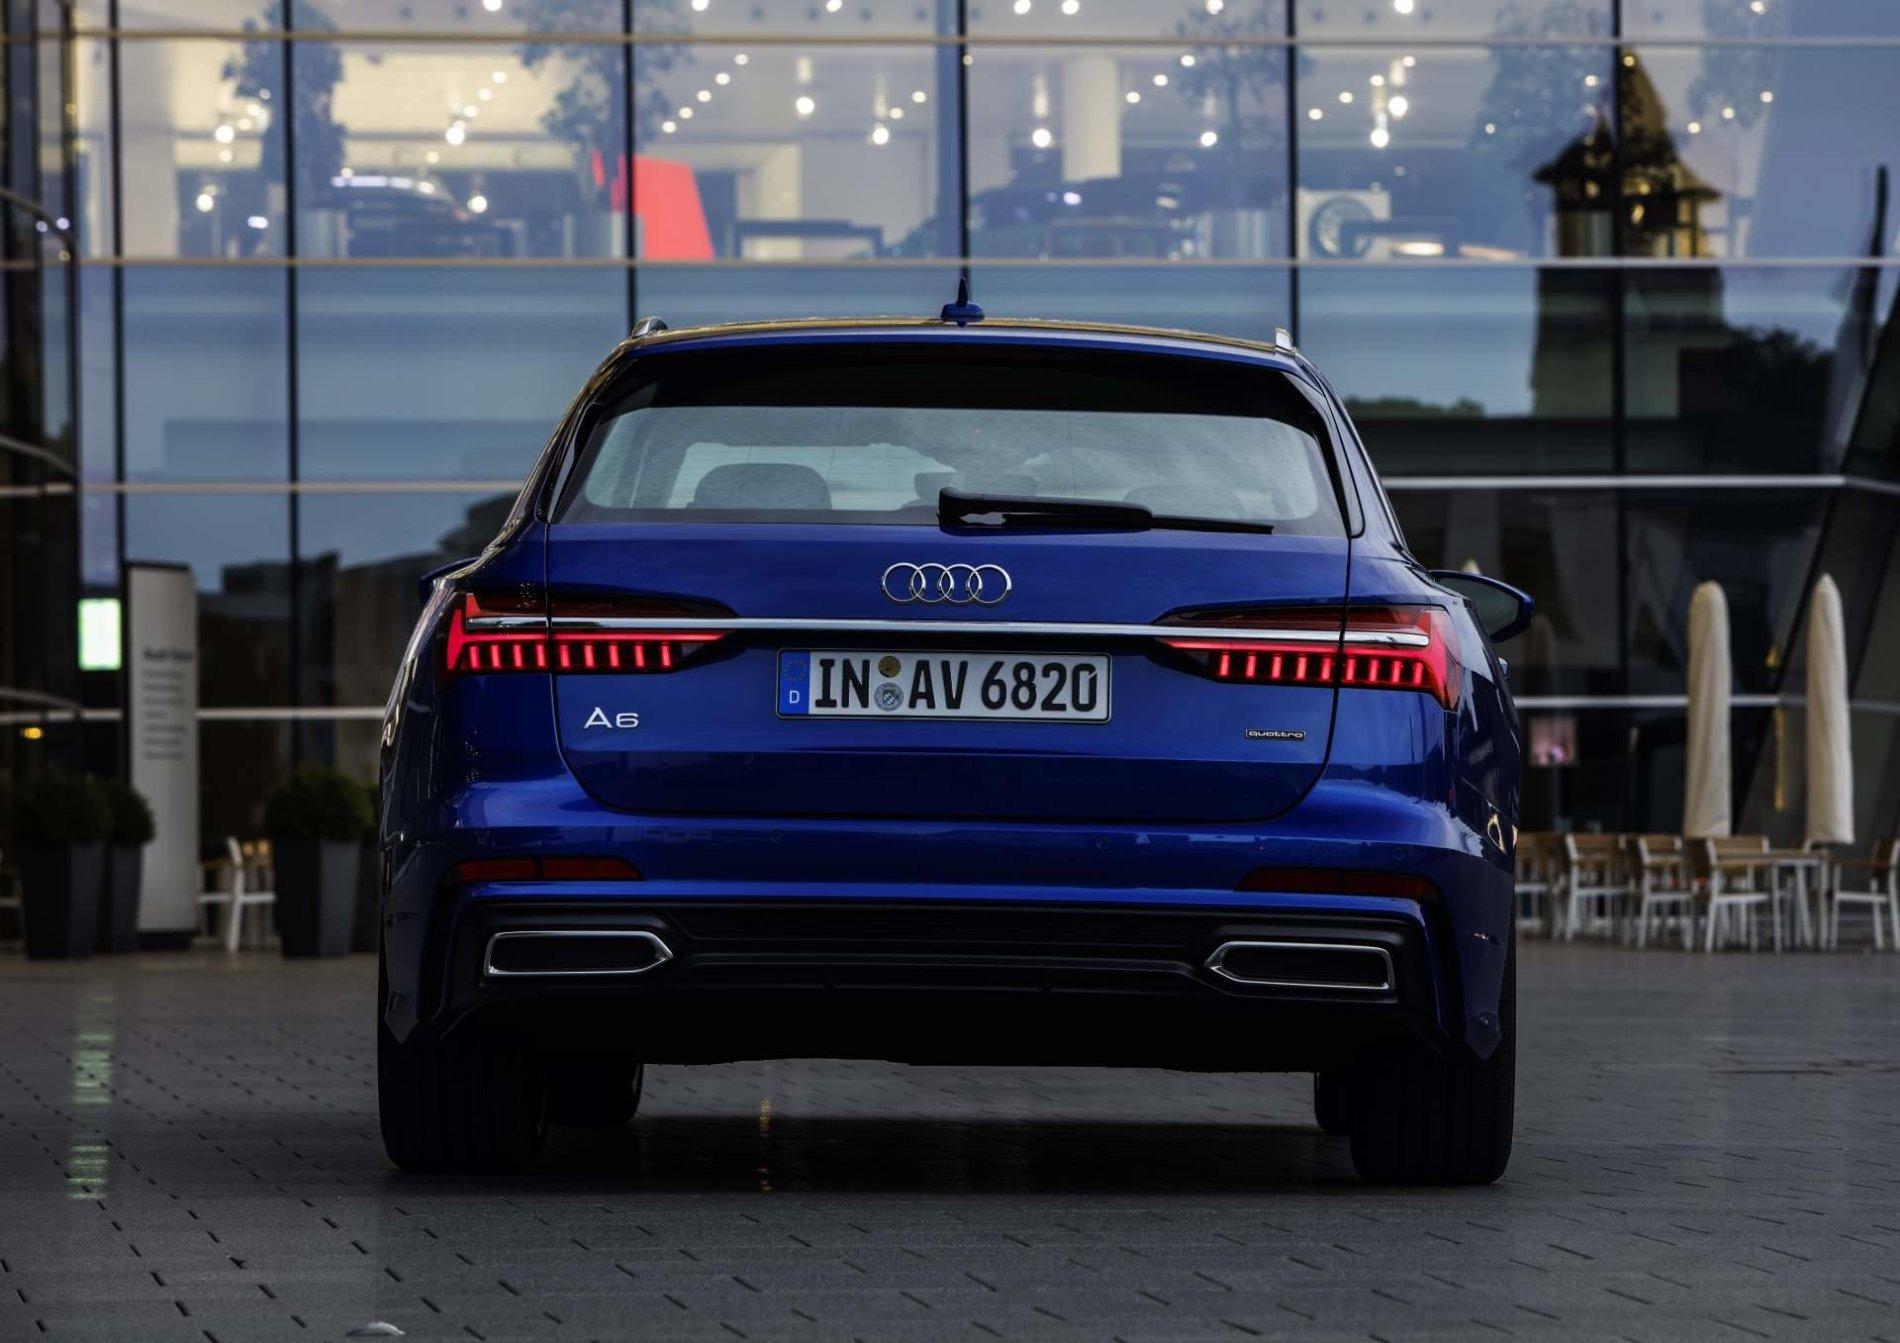 2019 Audi A6 Avant - 2019 Audi A6 Avant